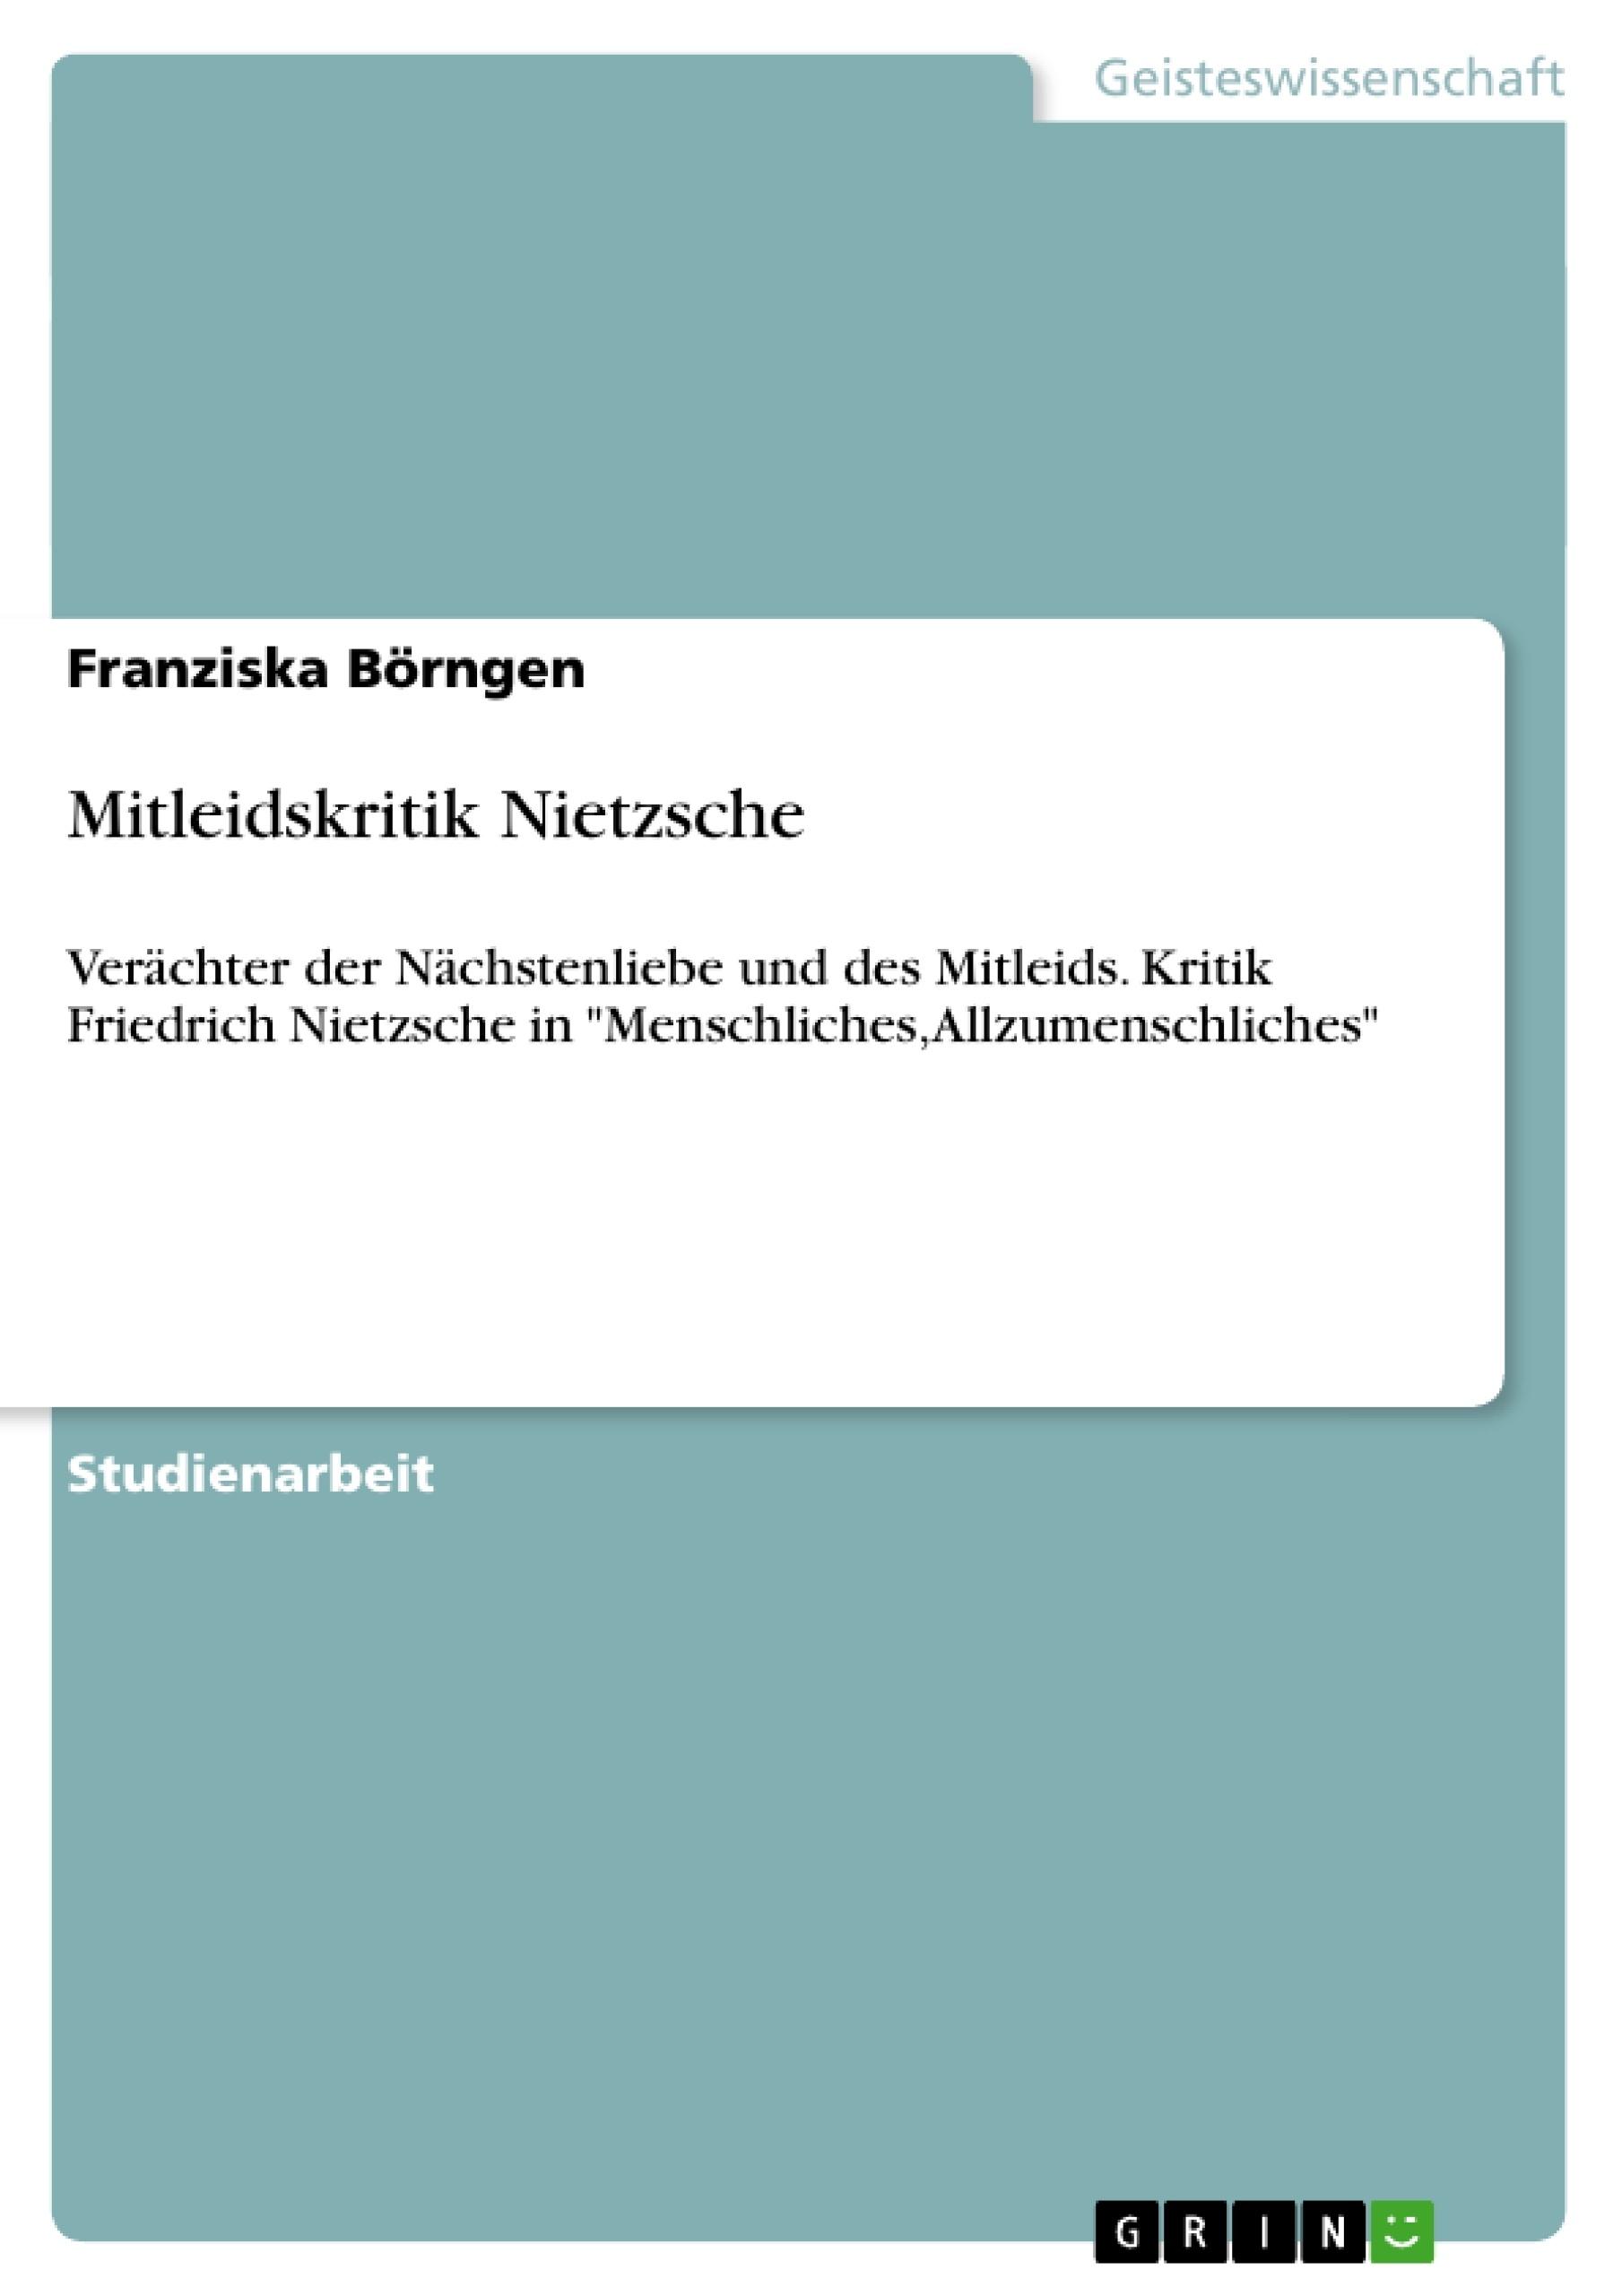 Titel: Mitleidskritik Nietzsche